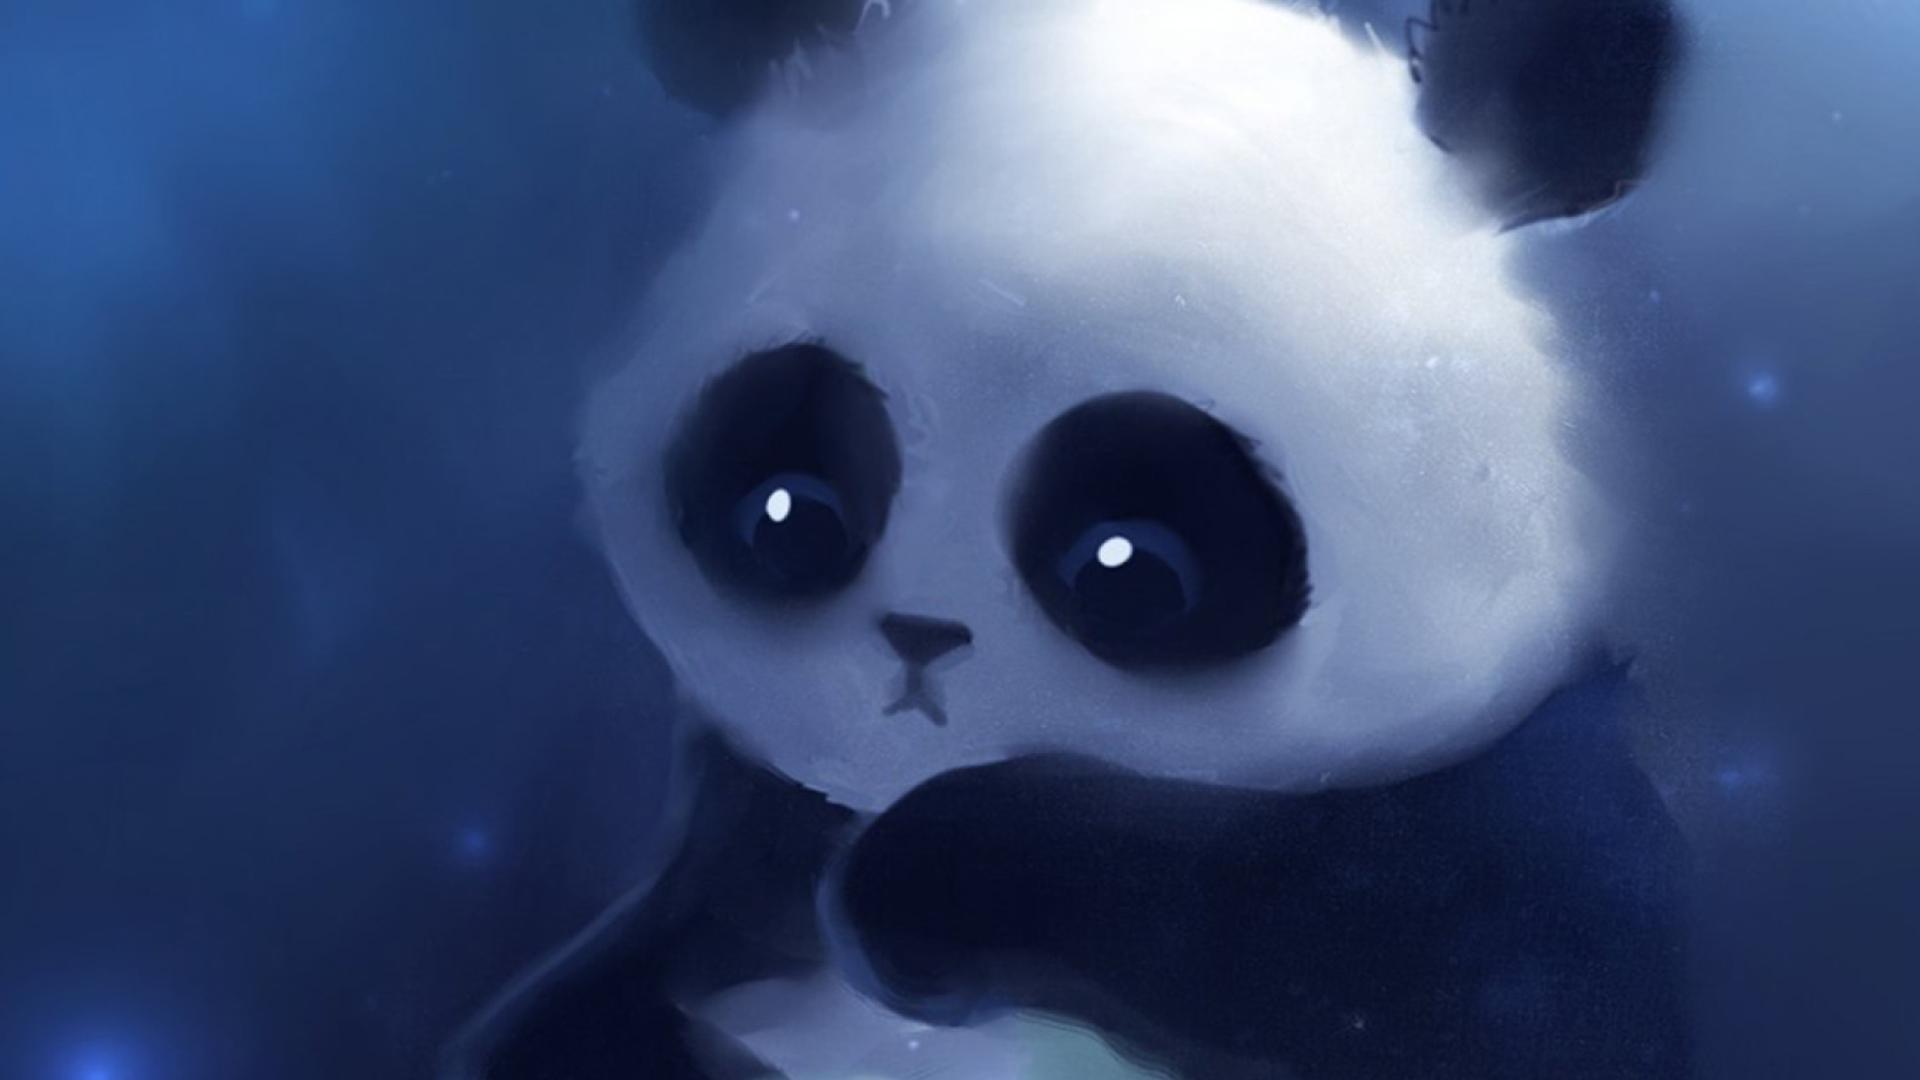 выпечки лепешек панда на рабочий стол телефона буквенное обозначение